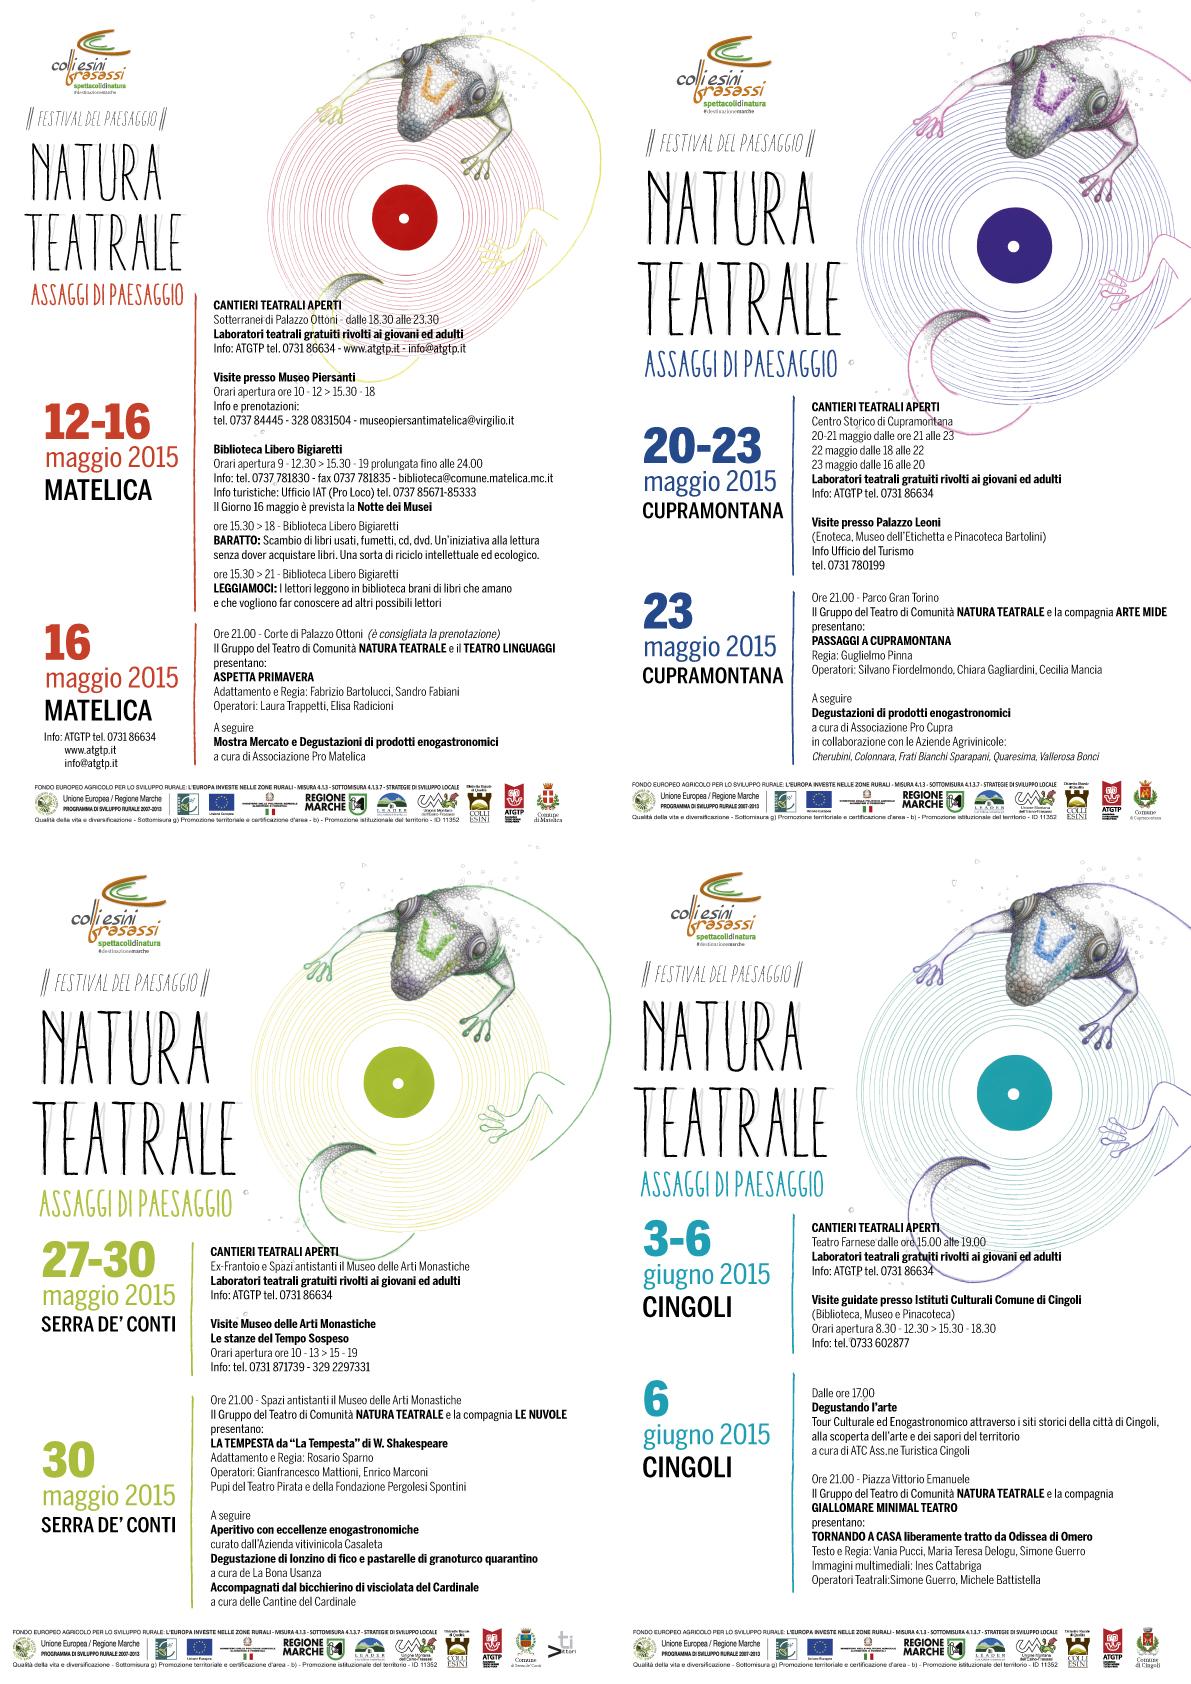 PIEGHEVOLE_A_CROCE_natura-teatrale_eventi_interno_WEB